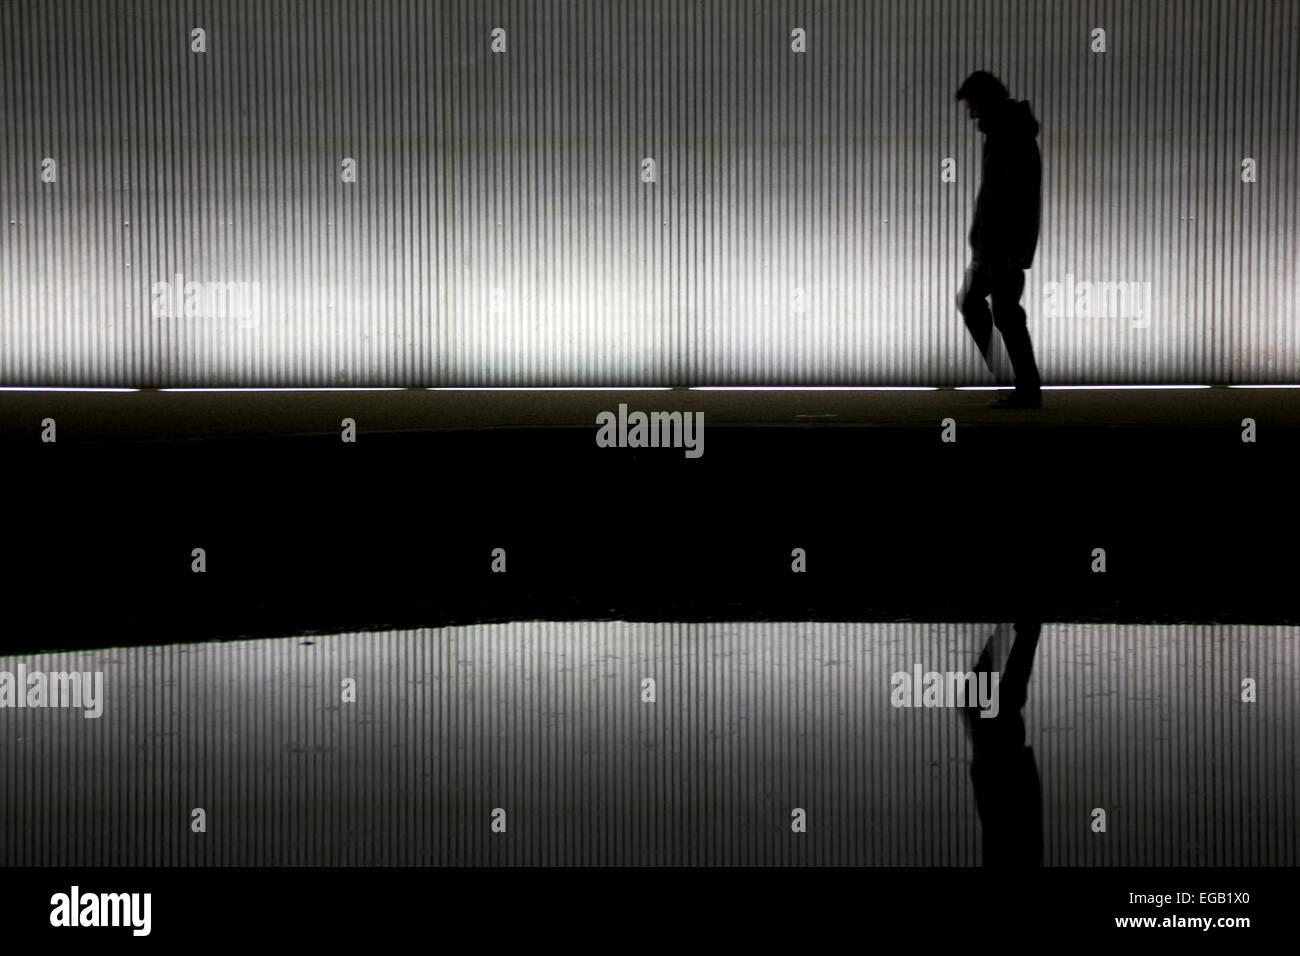 Hombre solitario caminando debajo de un puente/túnel Foto de stock